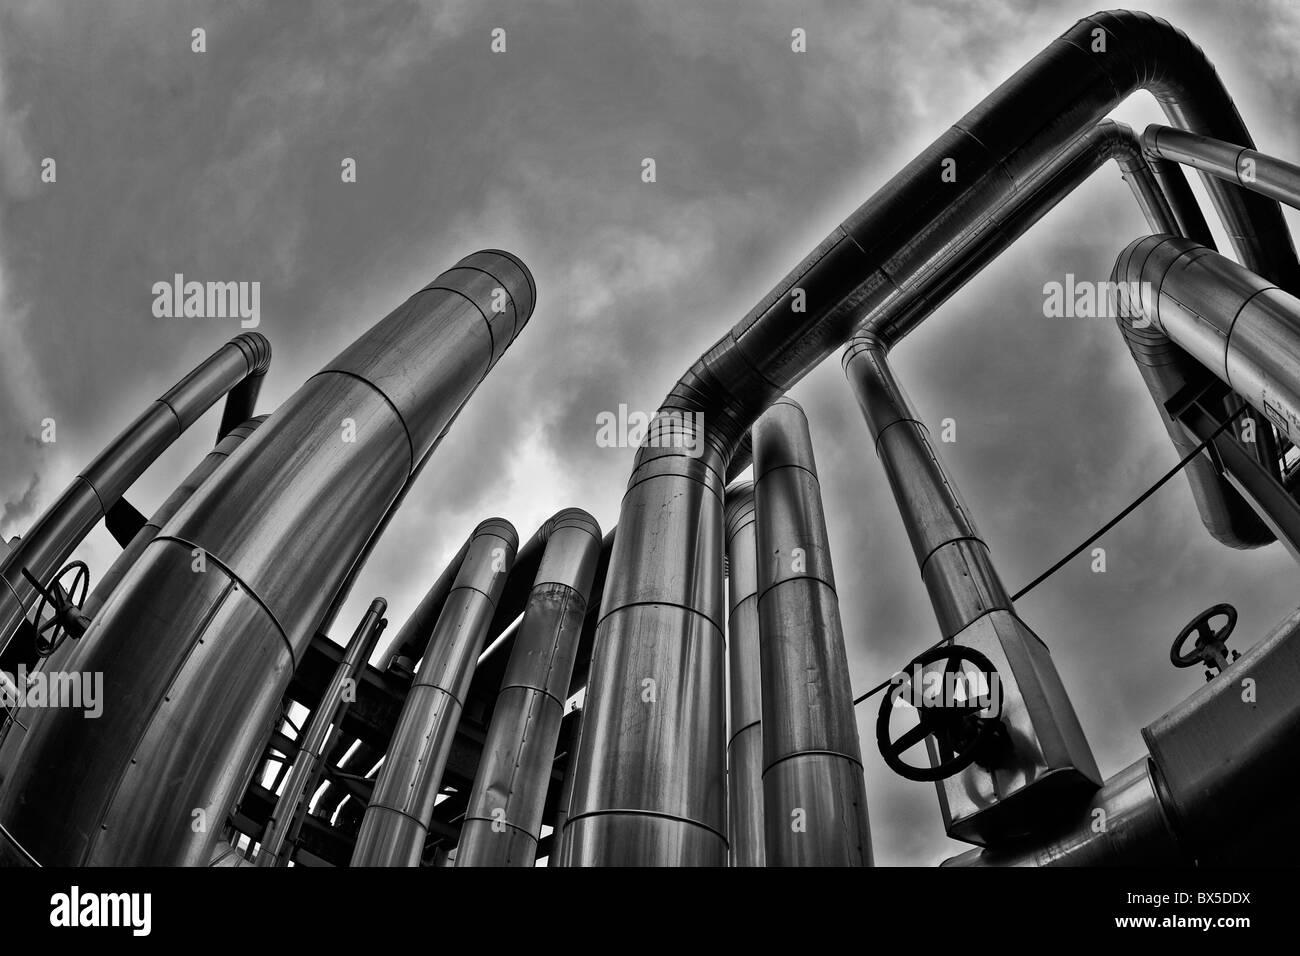 Pris dans l'installation d'un système géothermique image prise en couleur et transmis à b&w Photo Stock